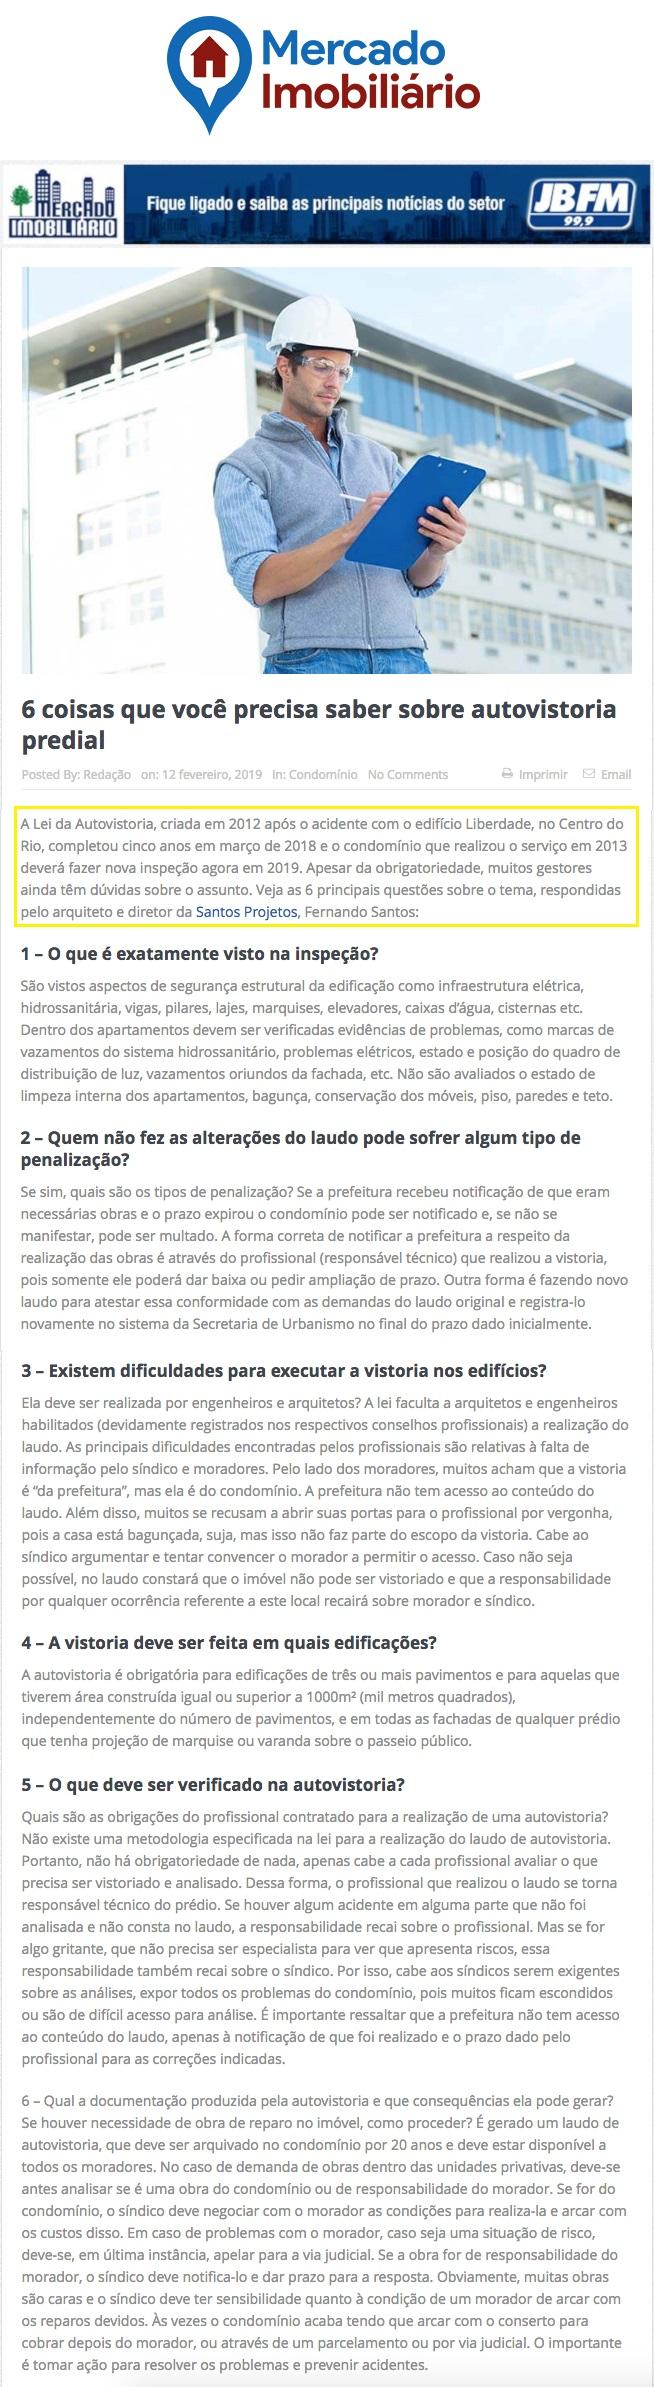 Portal Mercado Imobiliário – 6 coisas que você precisa saber sobre autovistoria predial